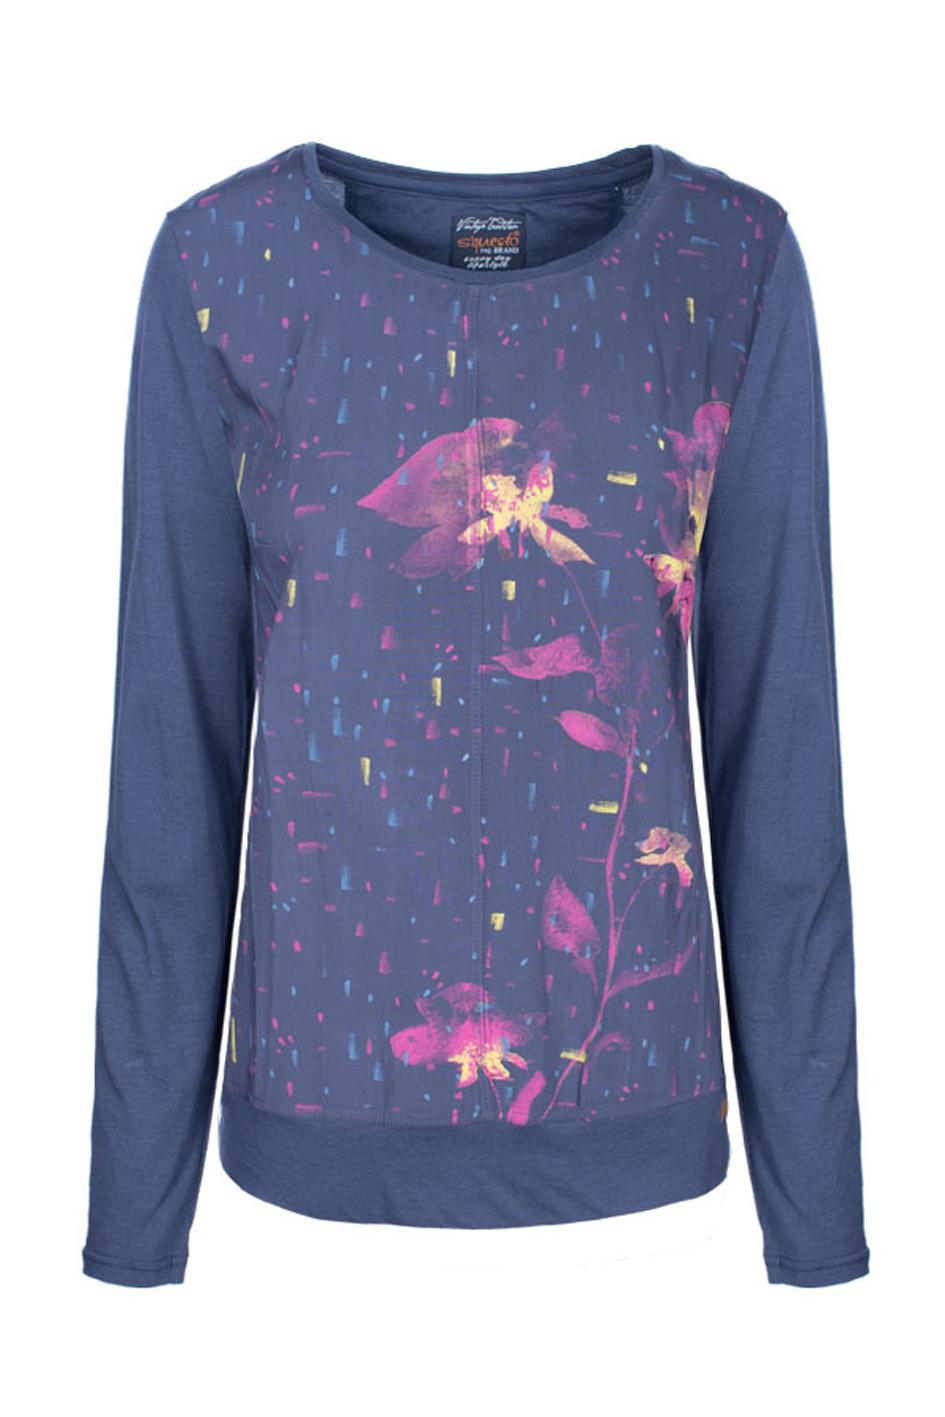 Soquesto Shirt Hera